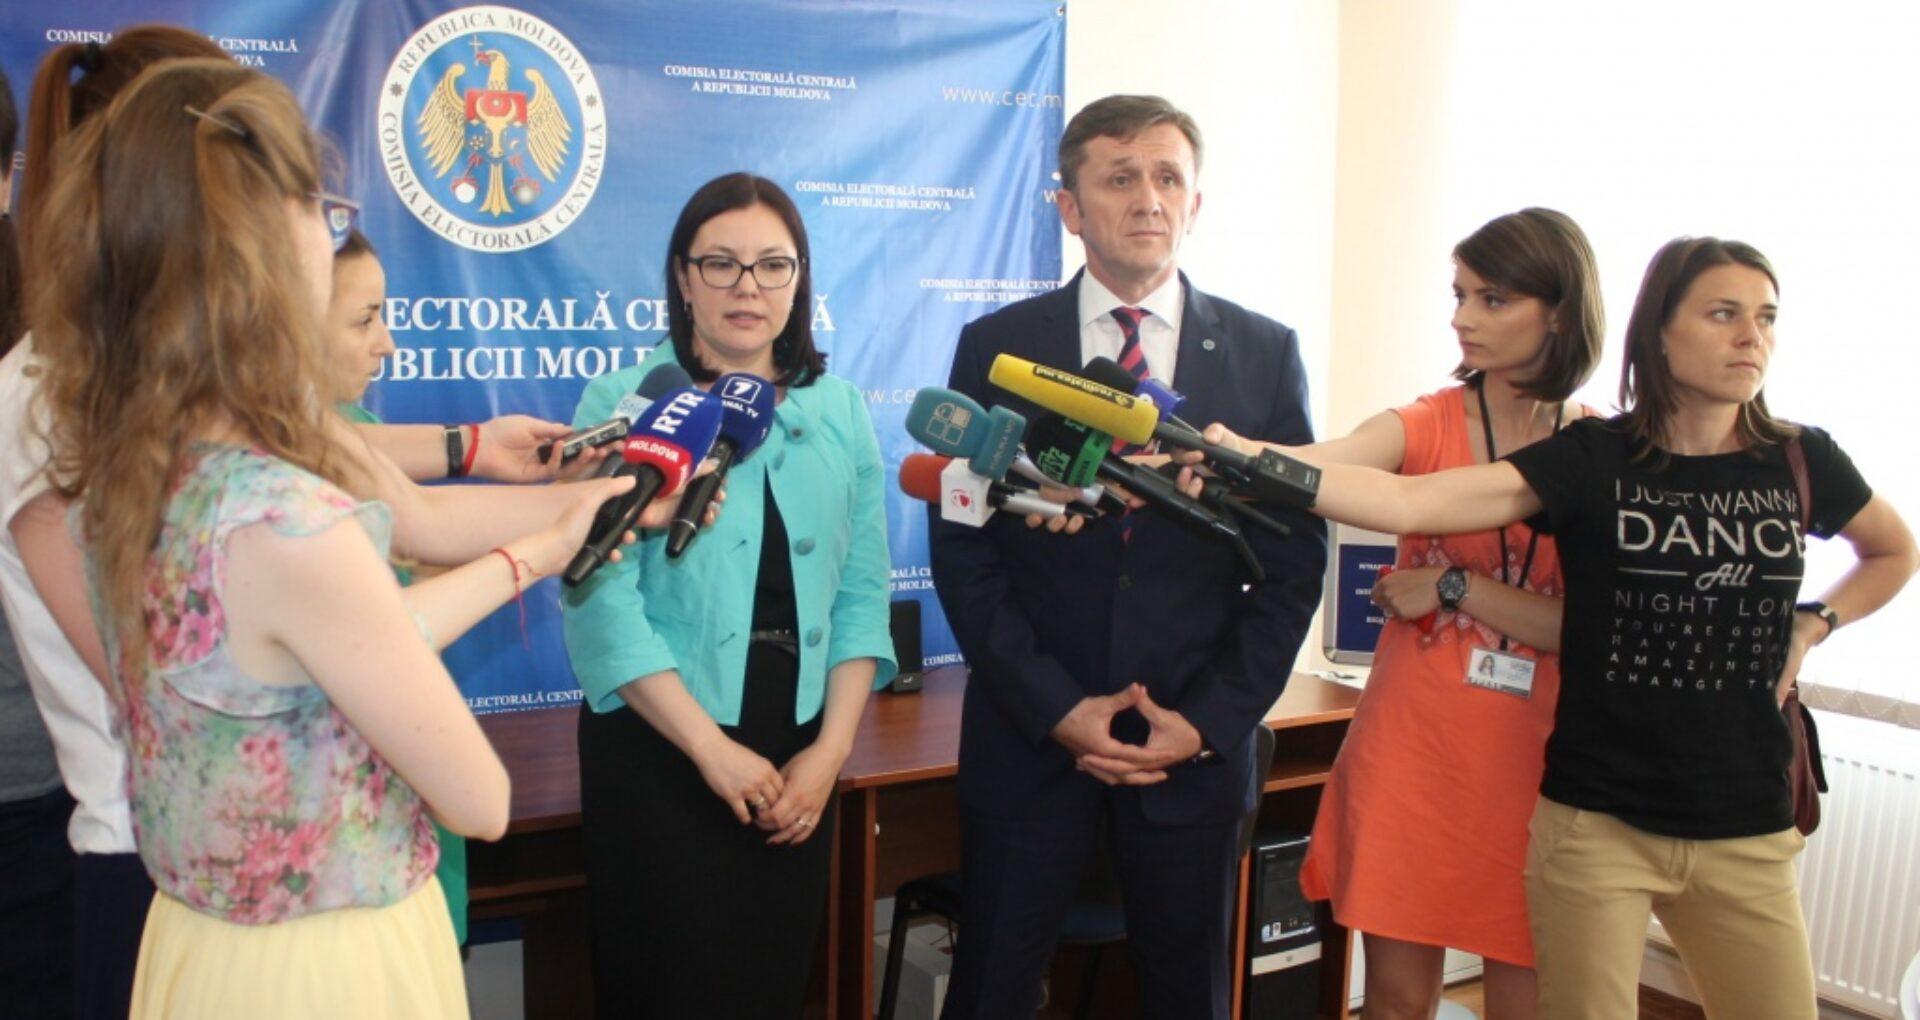 De ce a fost suplinit numărul de buletine de vot pentru alegătorii din regiunea transnistreană?